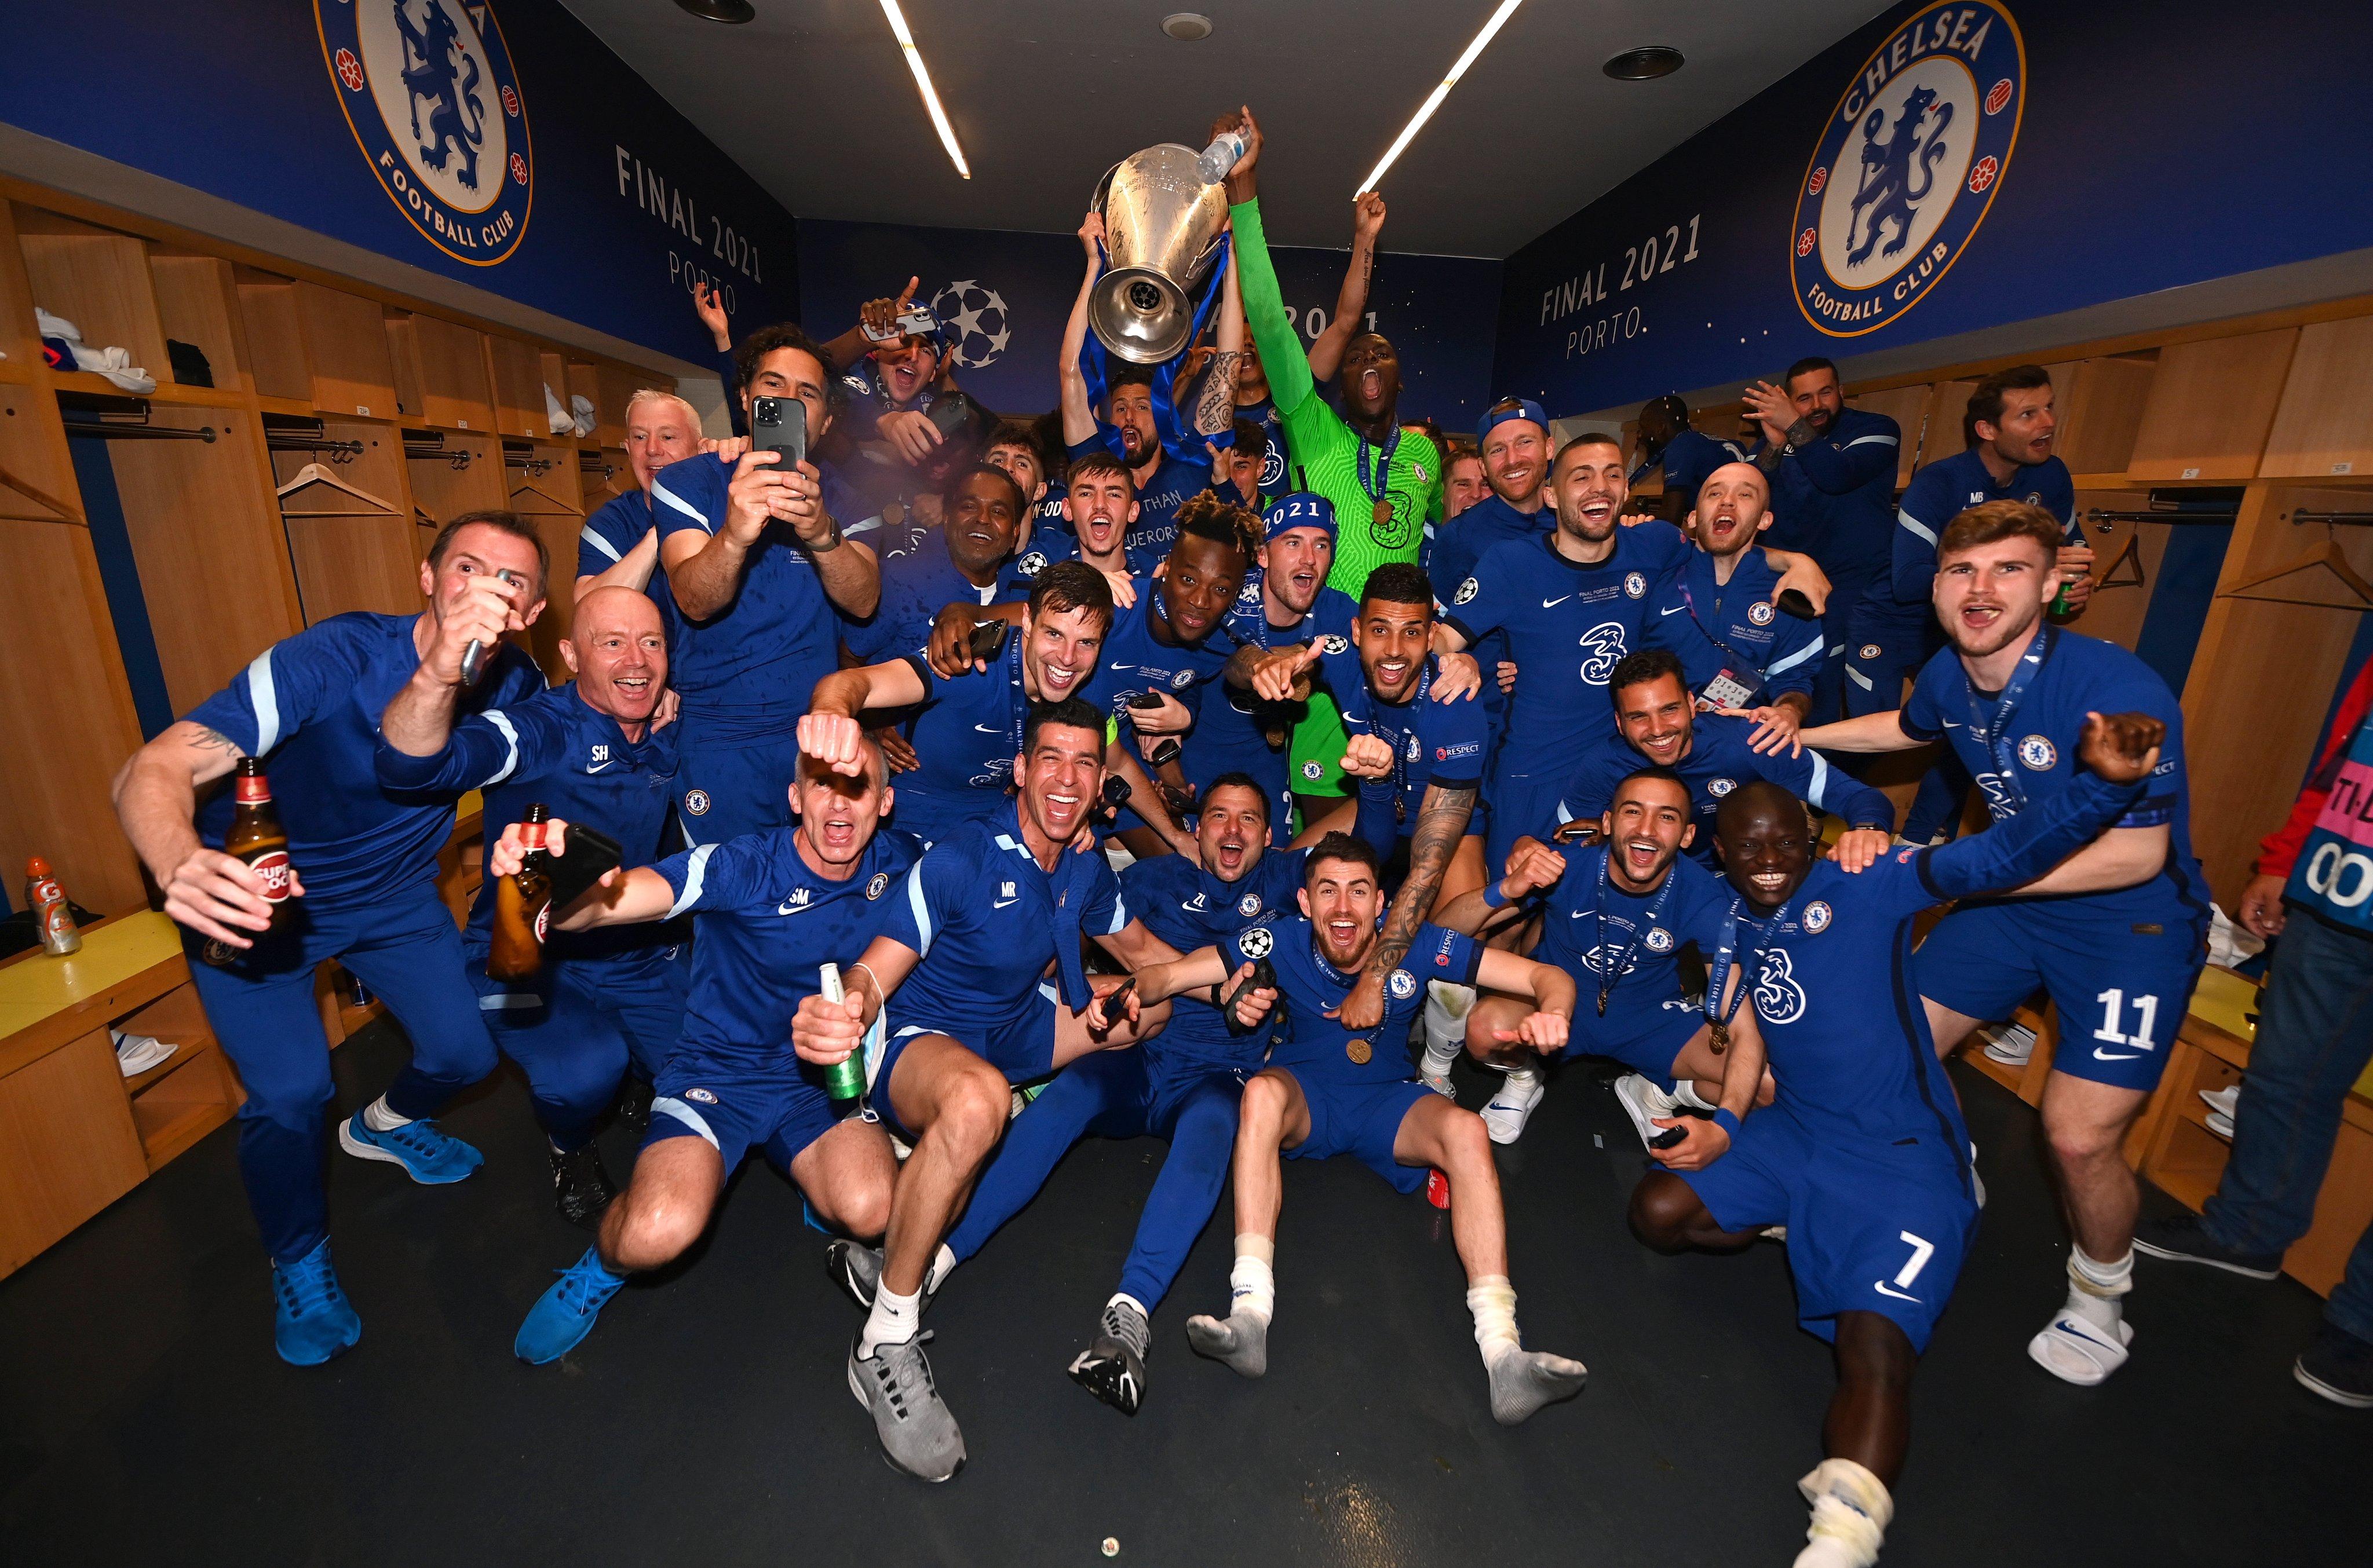 Chelsea Wins Champions League 2020/21